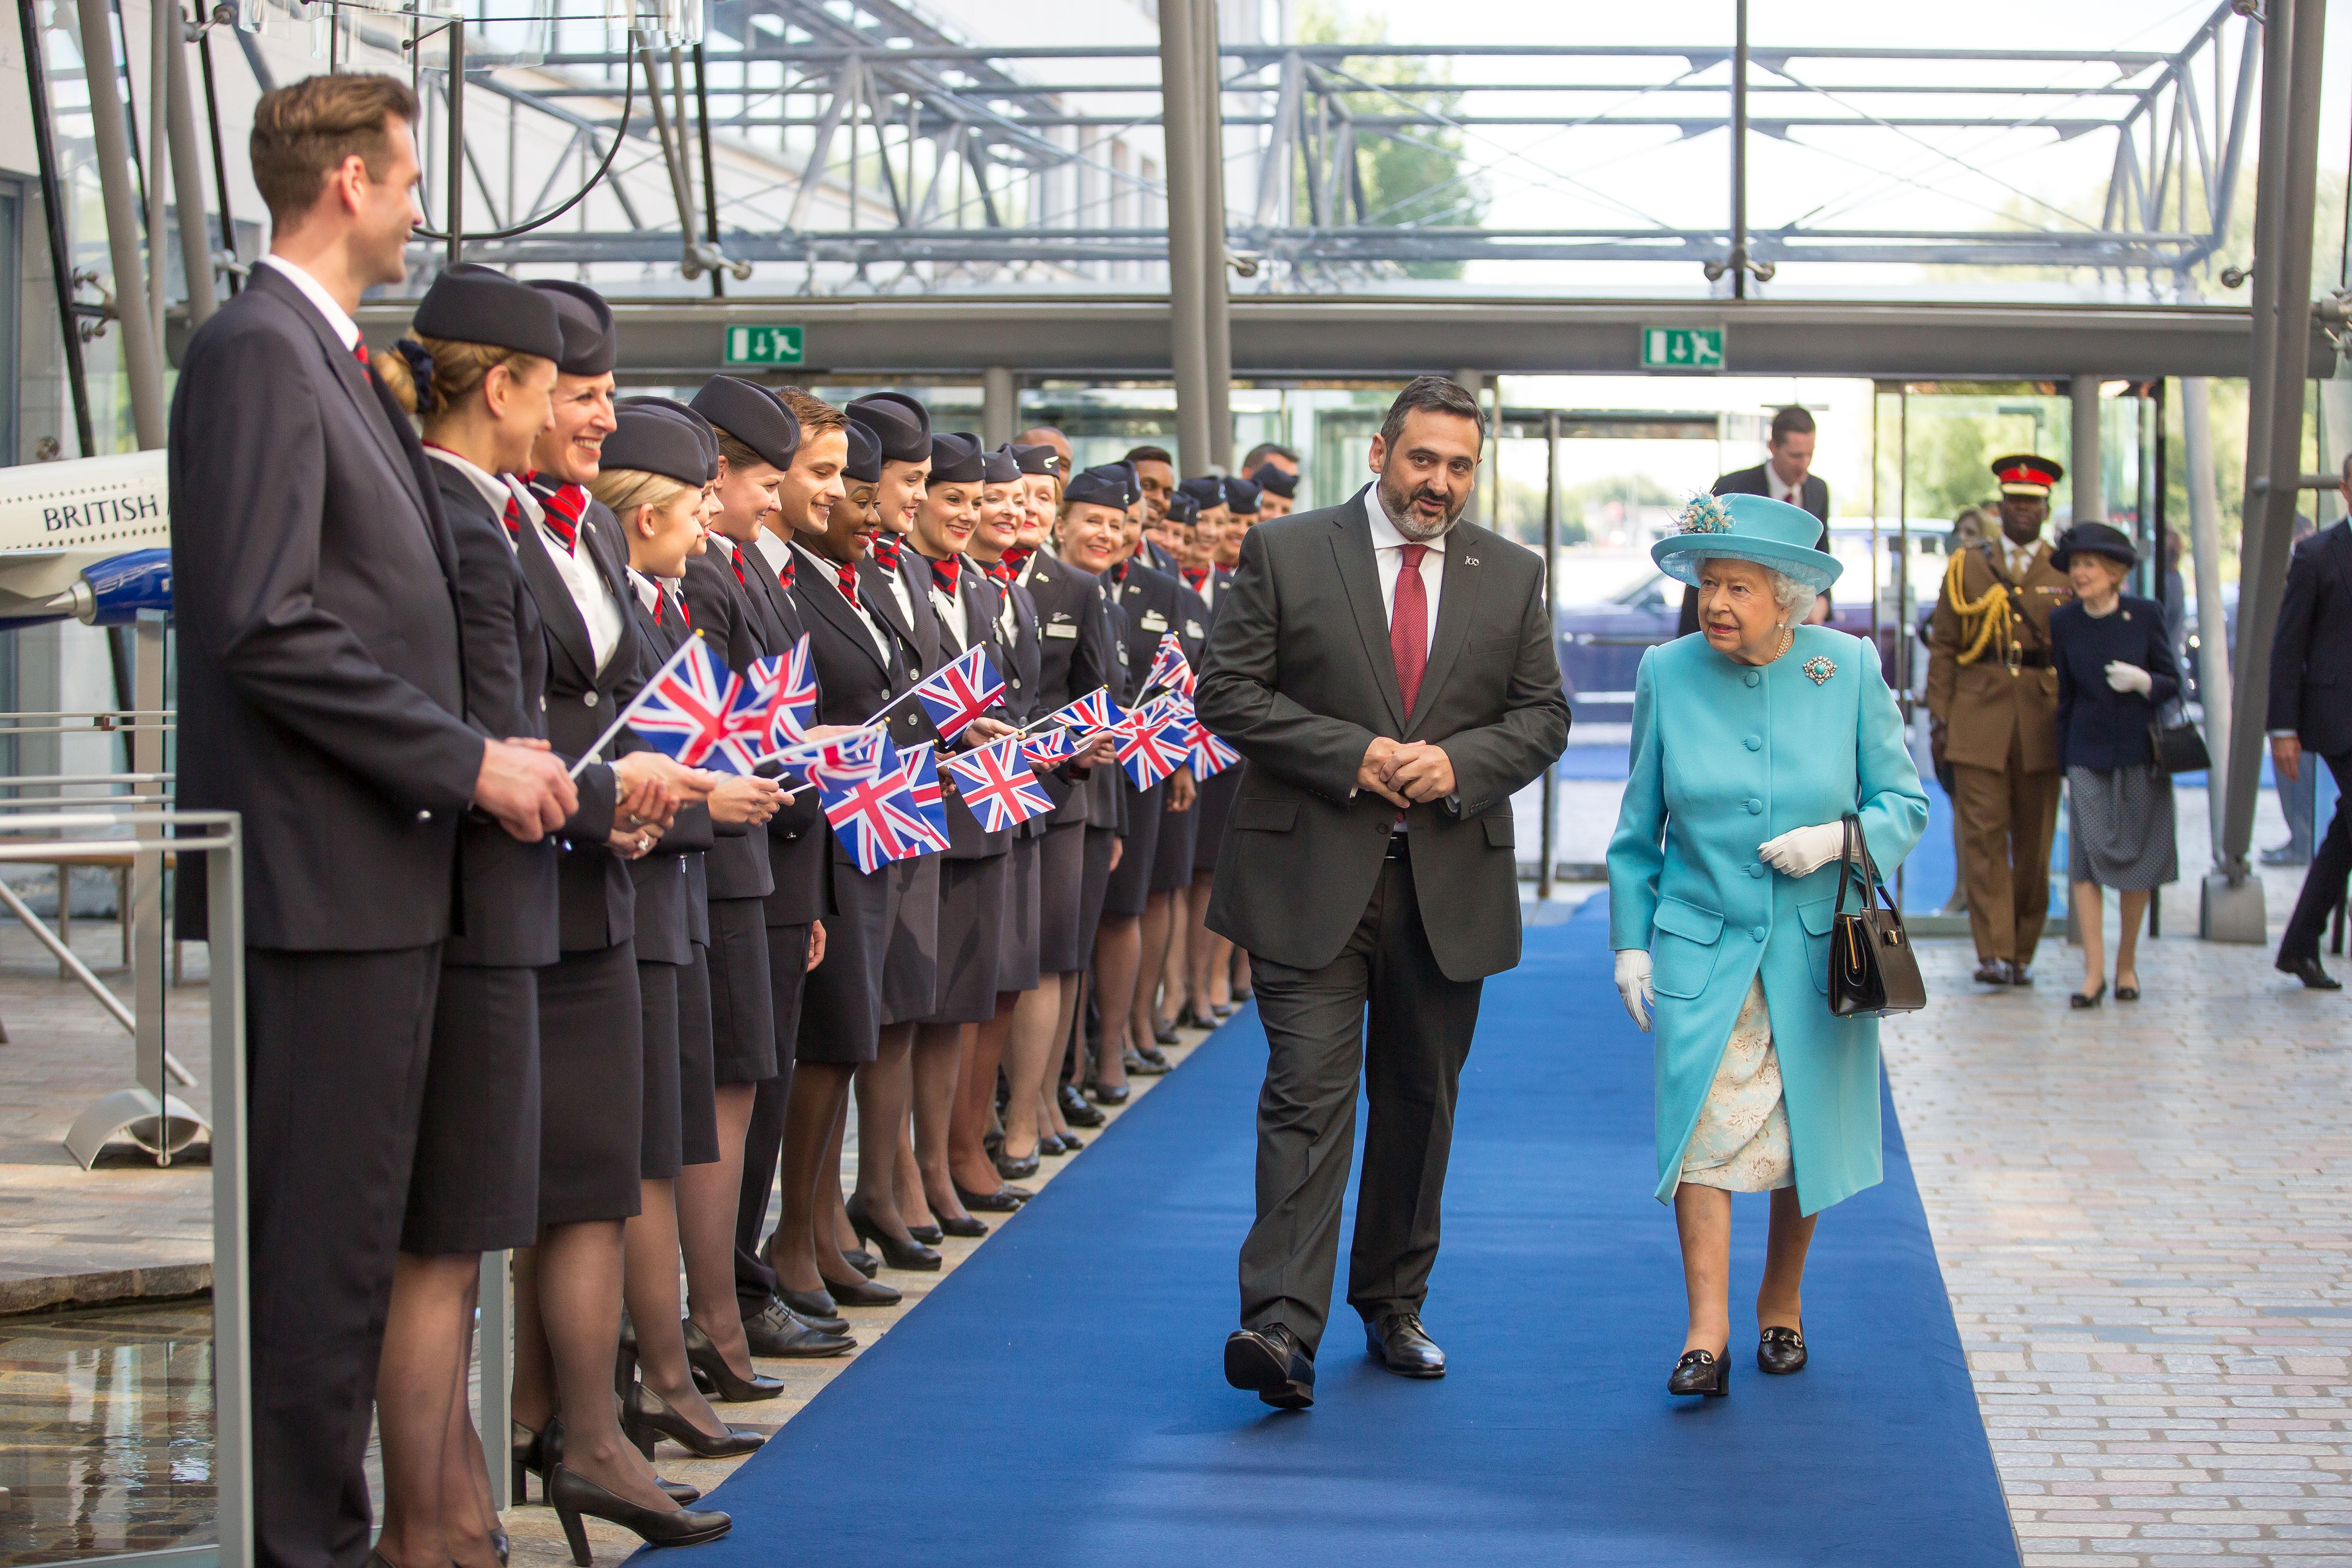 British Airways' koncernchef, Alex Cruz, eskorterer dronning Elizabeth forbi udvalgte BA-medarbejdere. Foto: BA, Nick Morrish.